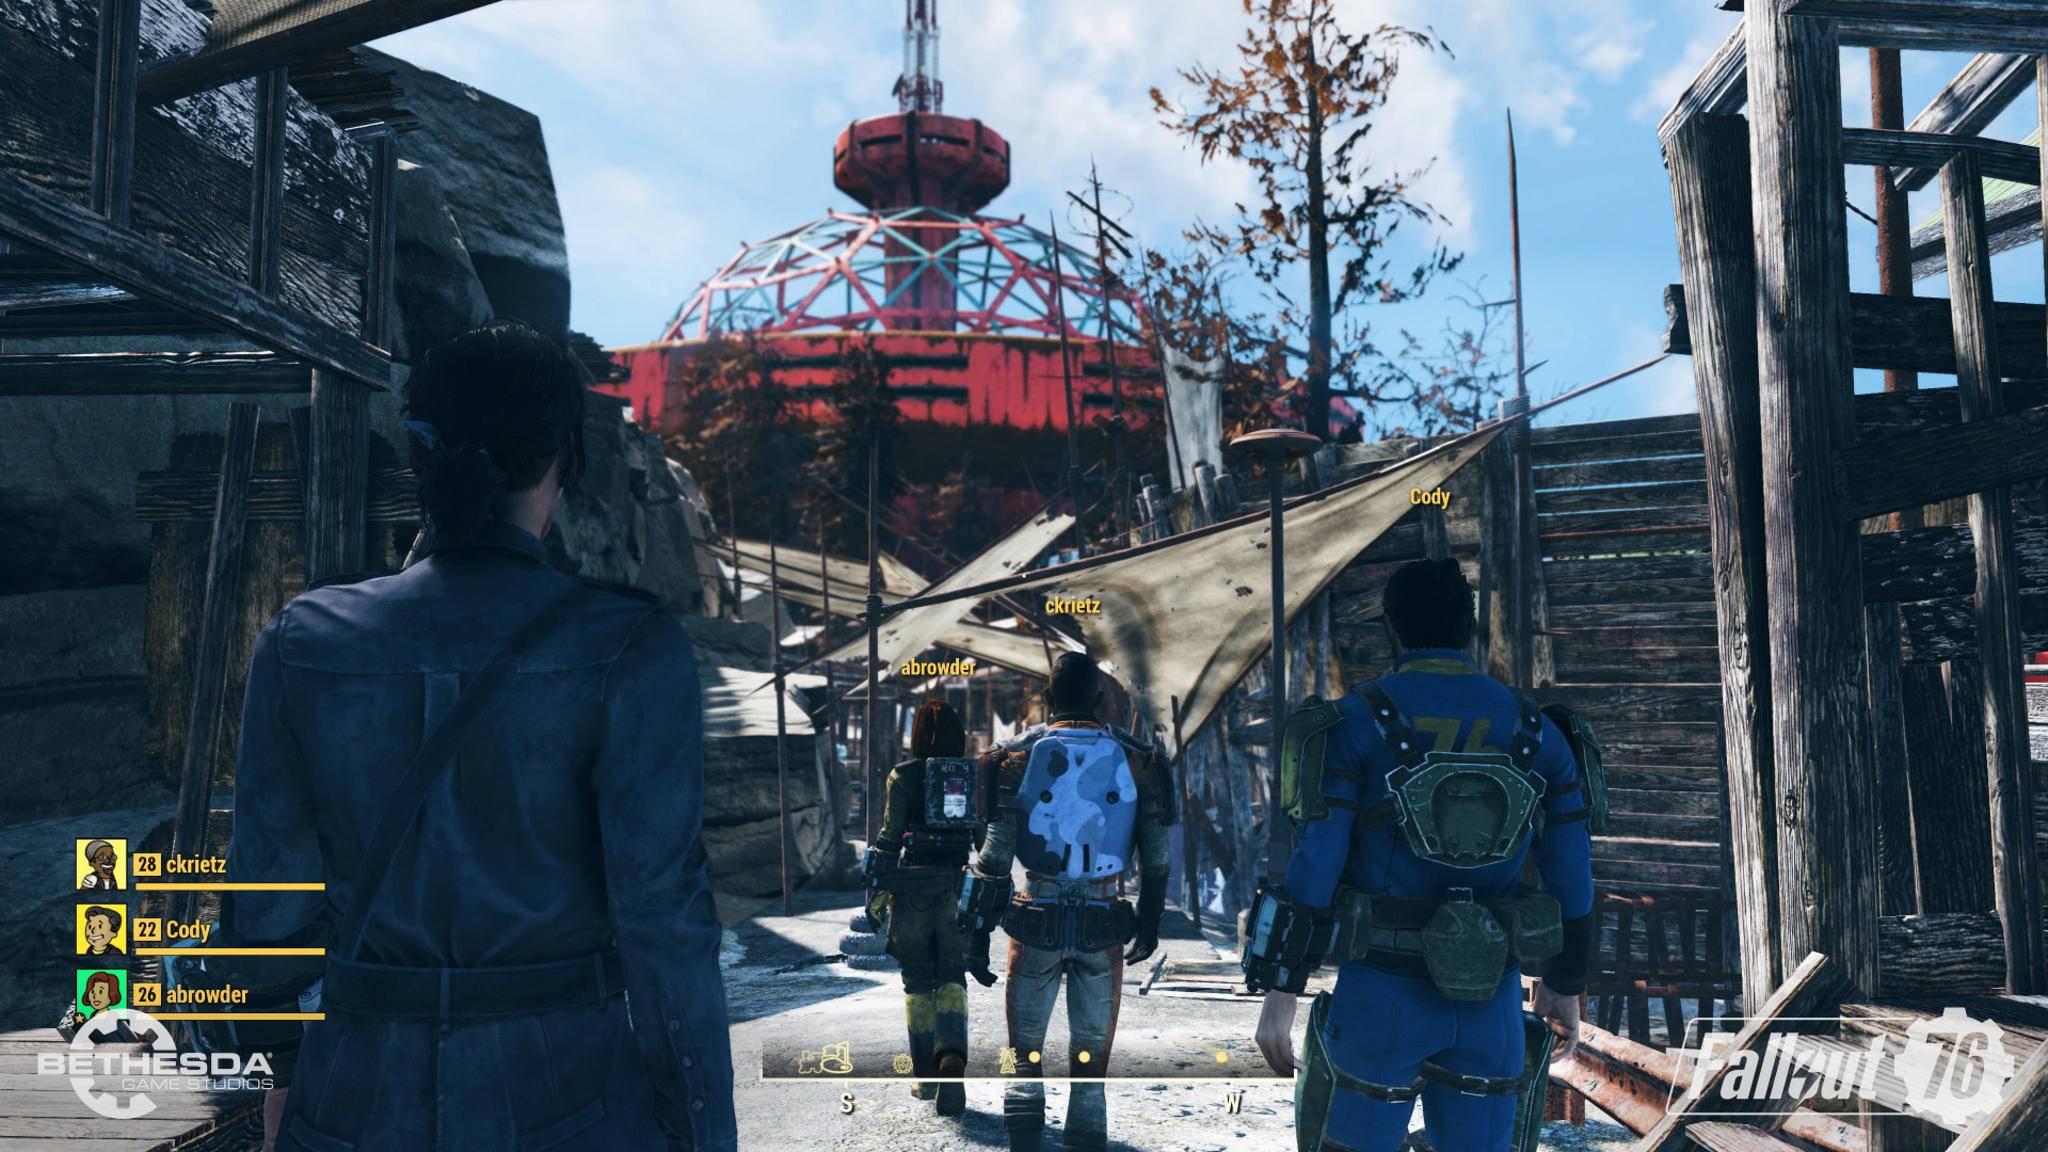 """Kurzzeitig exklusiv für Xbox One: """"Fallout 76"""" startet zuerst auf Microsofts Konsole in die Beta."""